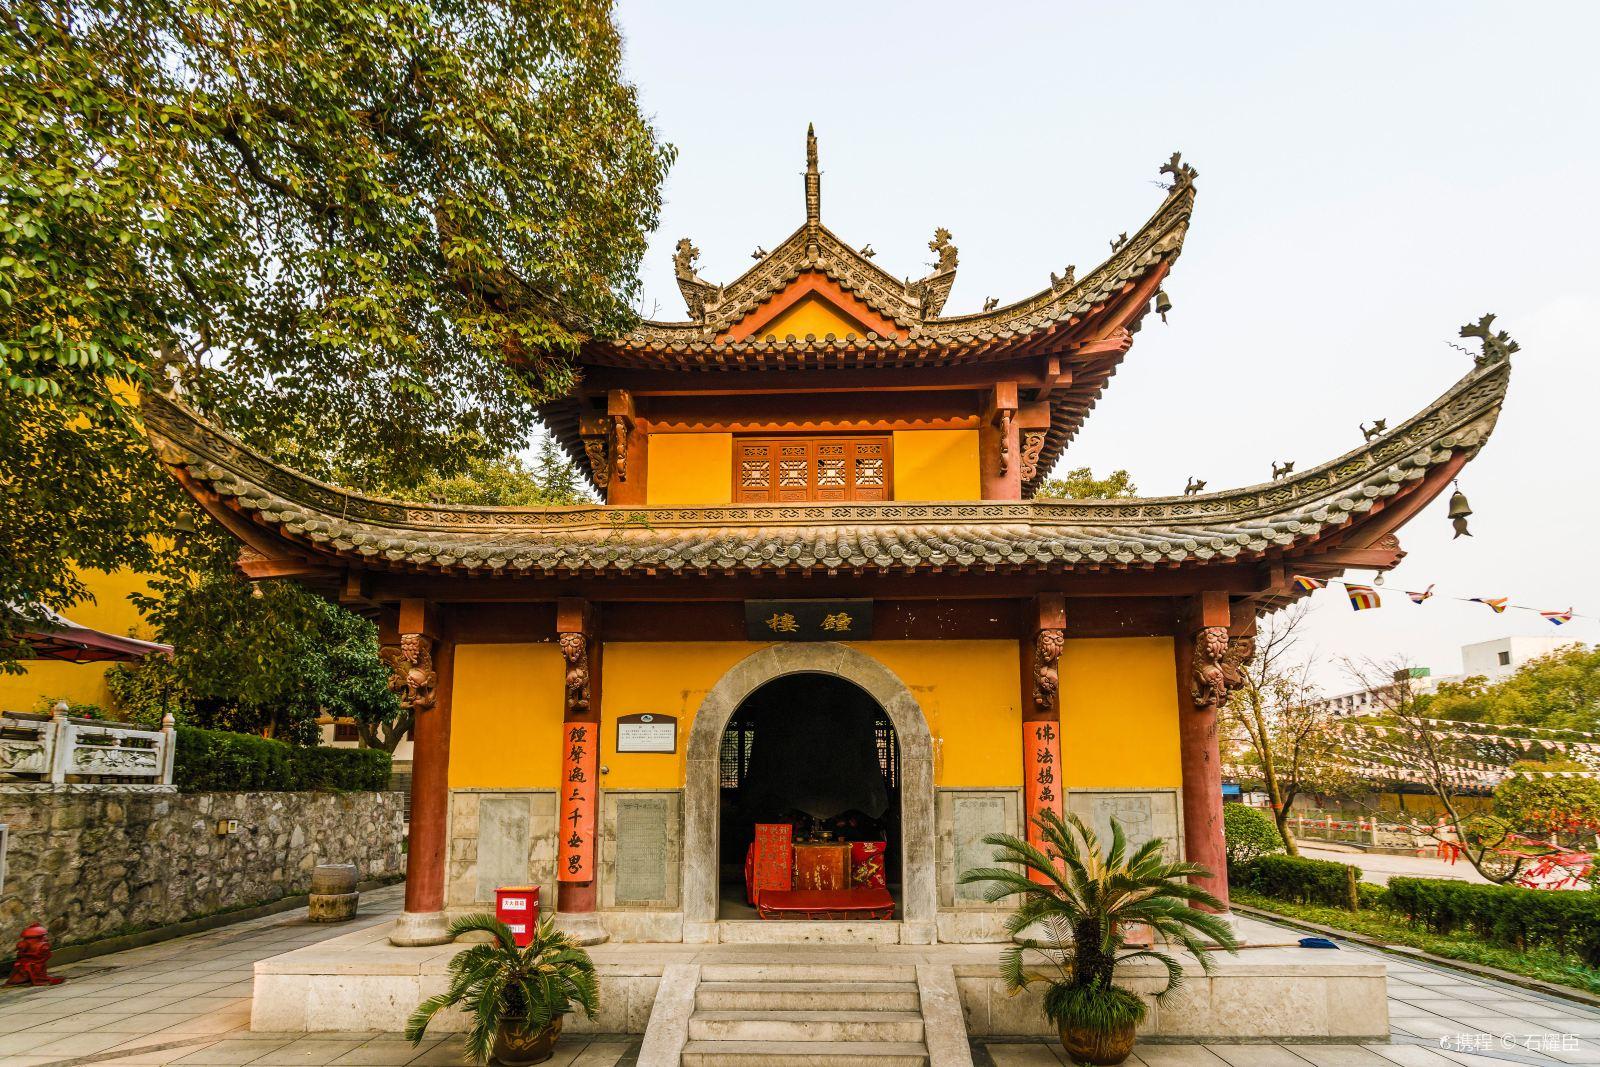 """安徽一千年古刹,仿九华山肉身宝殿建造,人称""""小九华"""""""